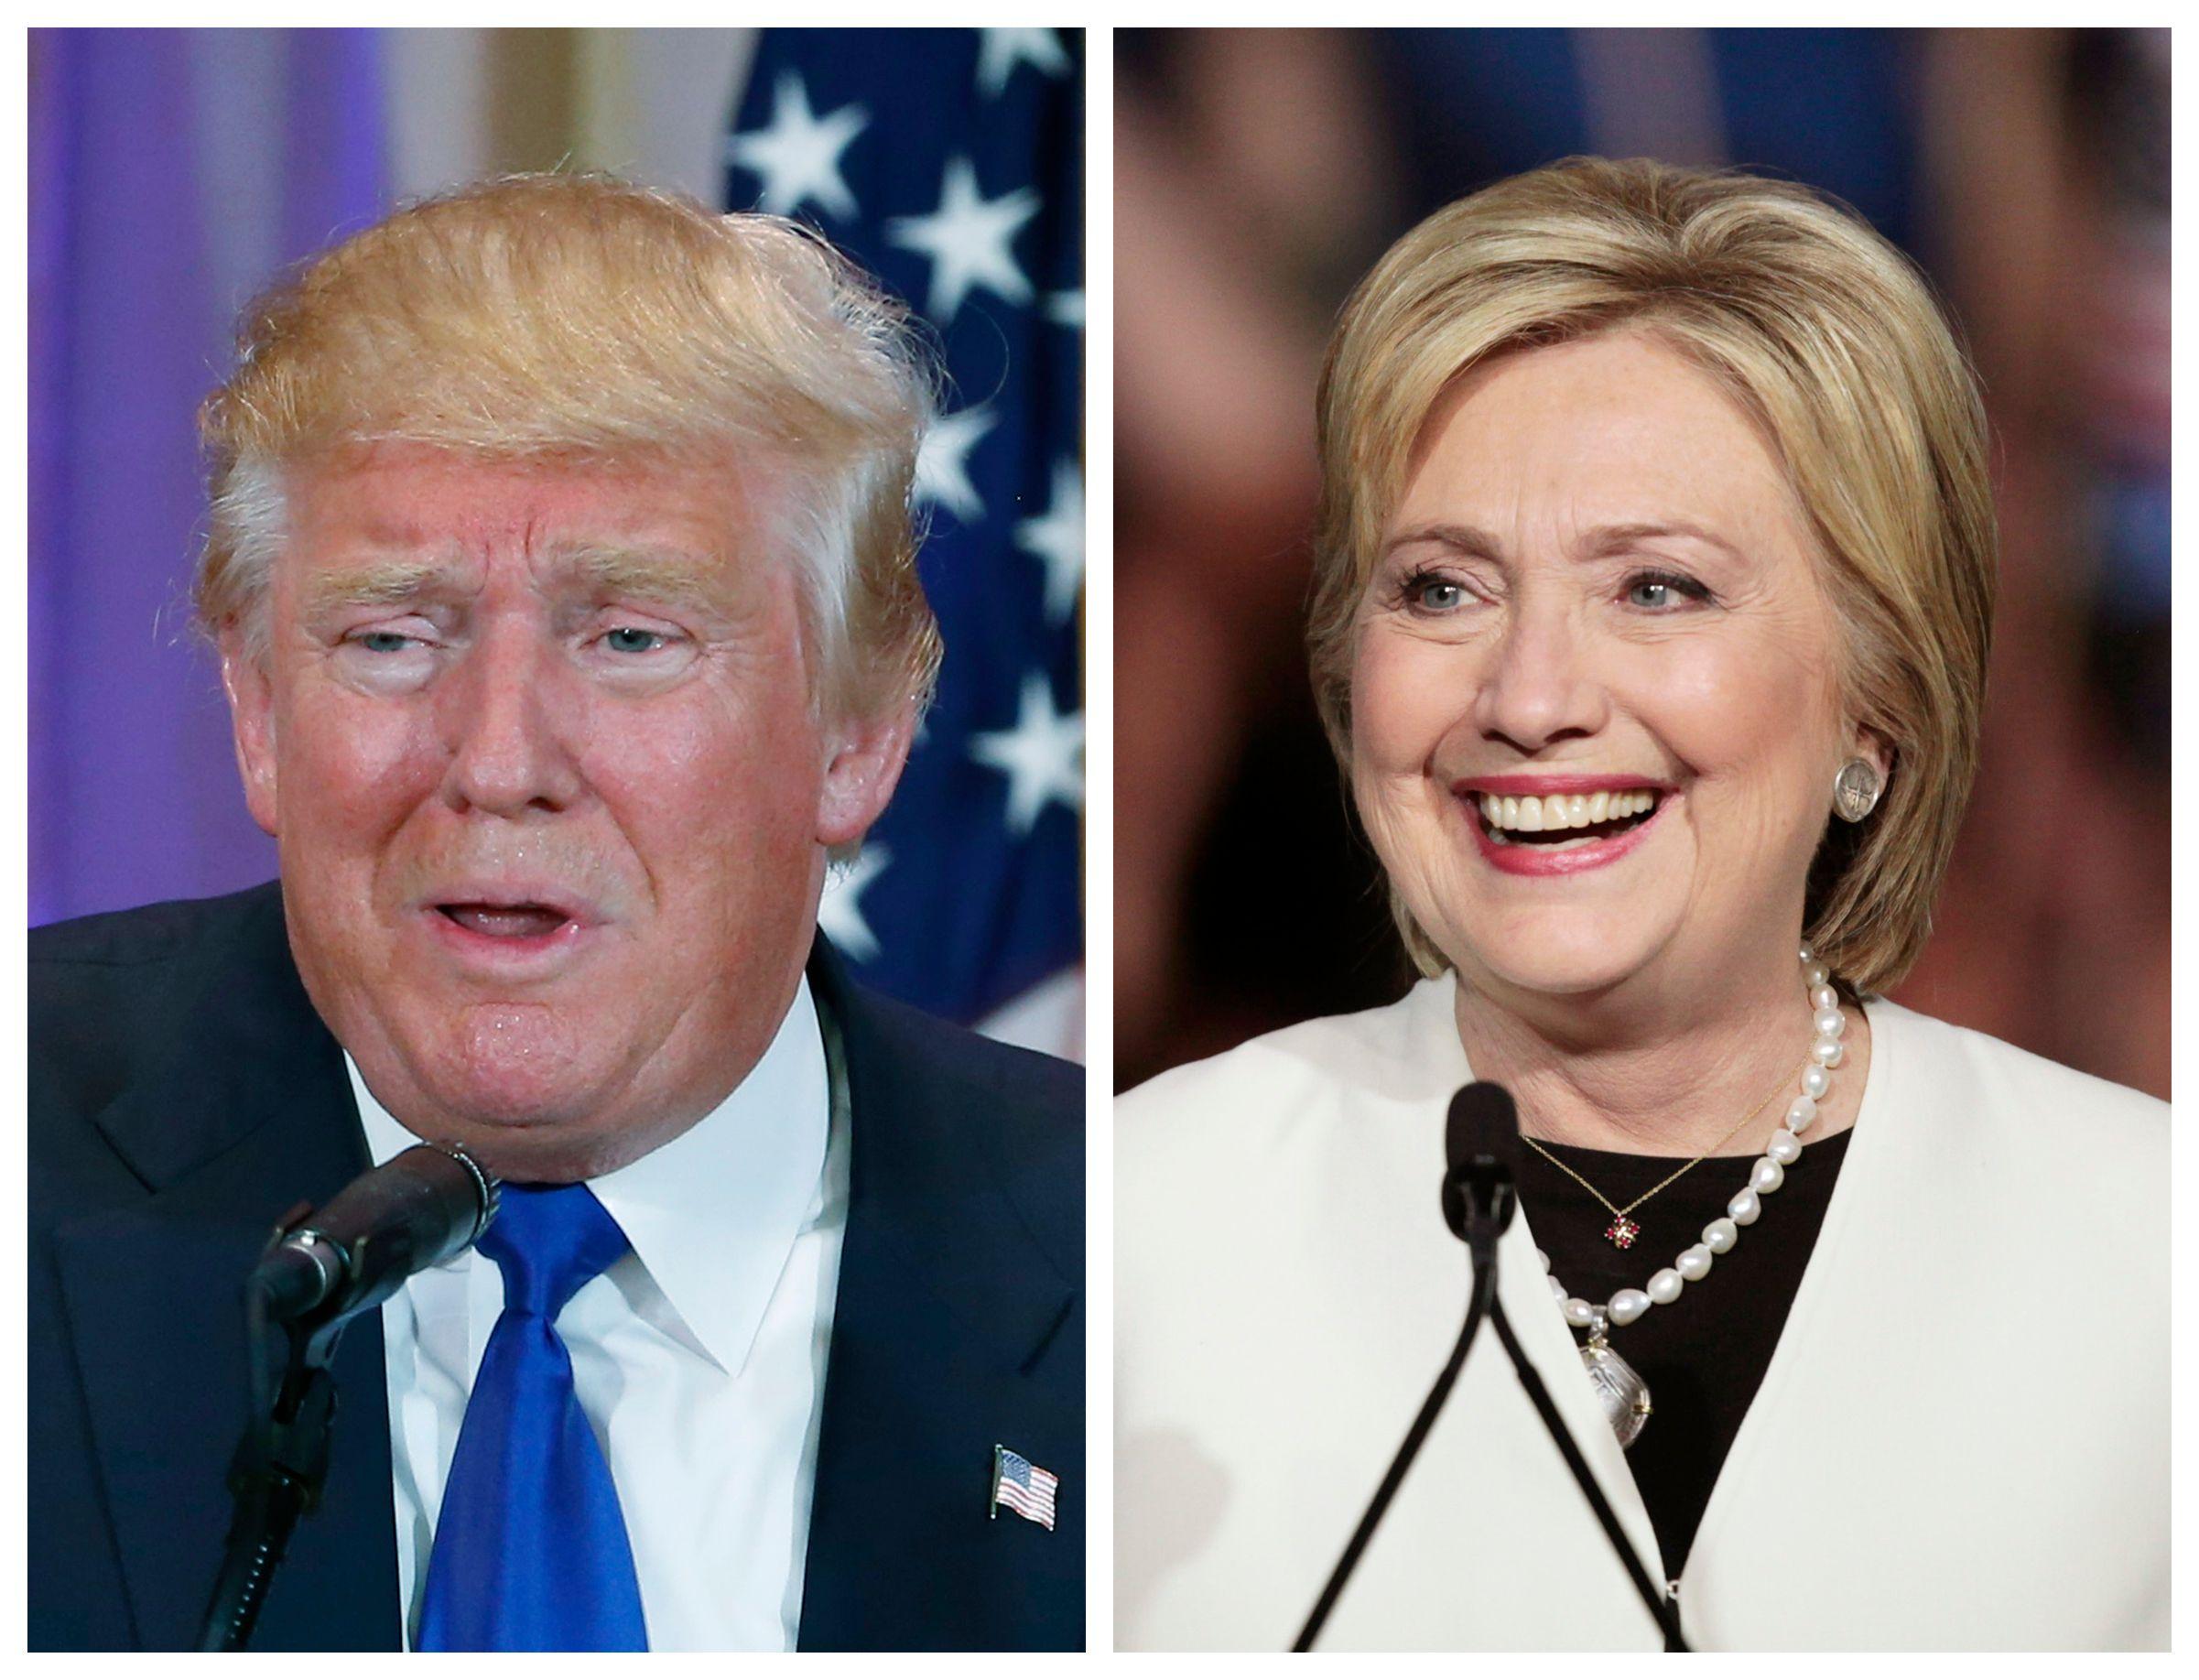 """Certains observateurs insistent sur un atout que possède Hillary Clinton : celui du genre. Depuis très longtemps déjà, la carte """"femme"""" a pu apporter une aide parfois inattendue à Hillary Clinton au cours de ses différentes confrontations politiques."""